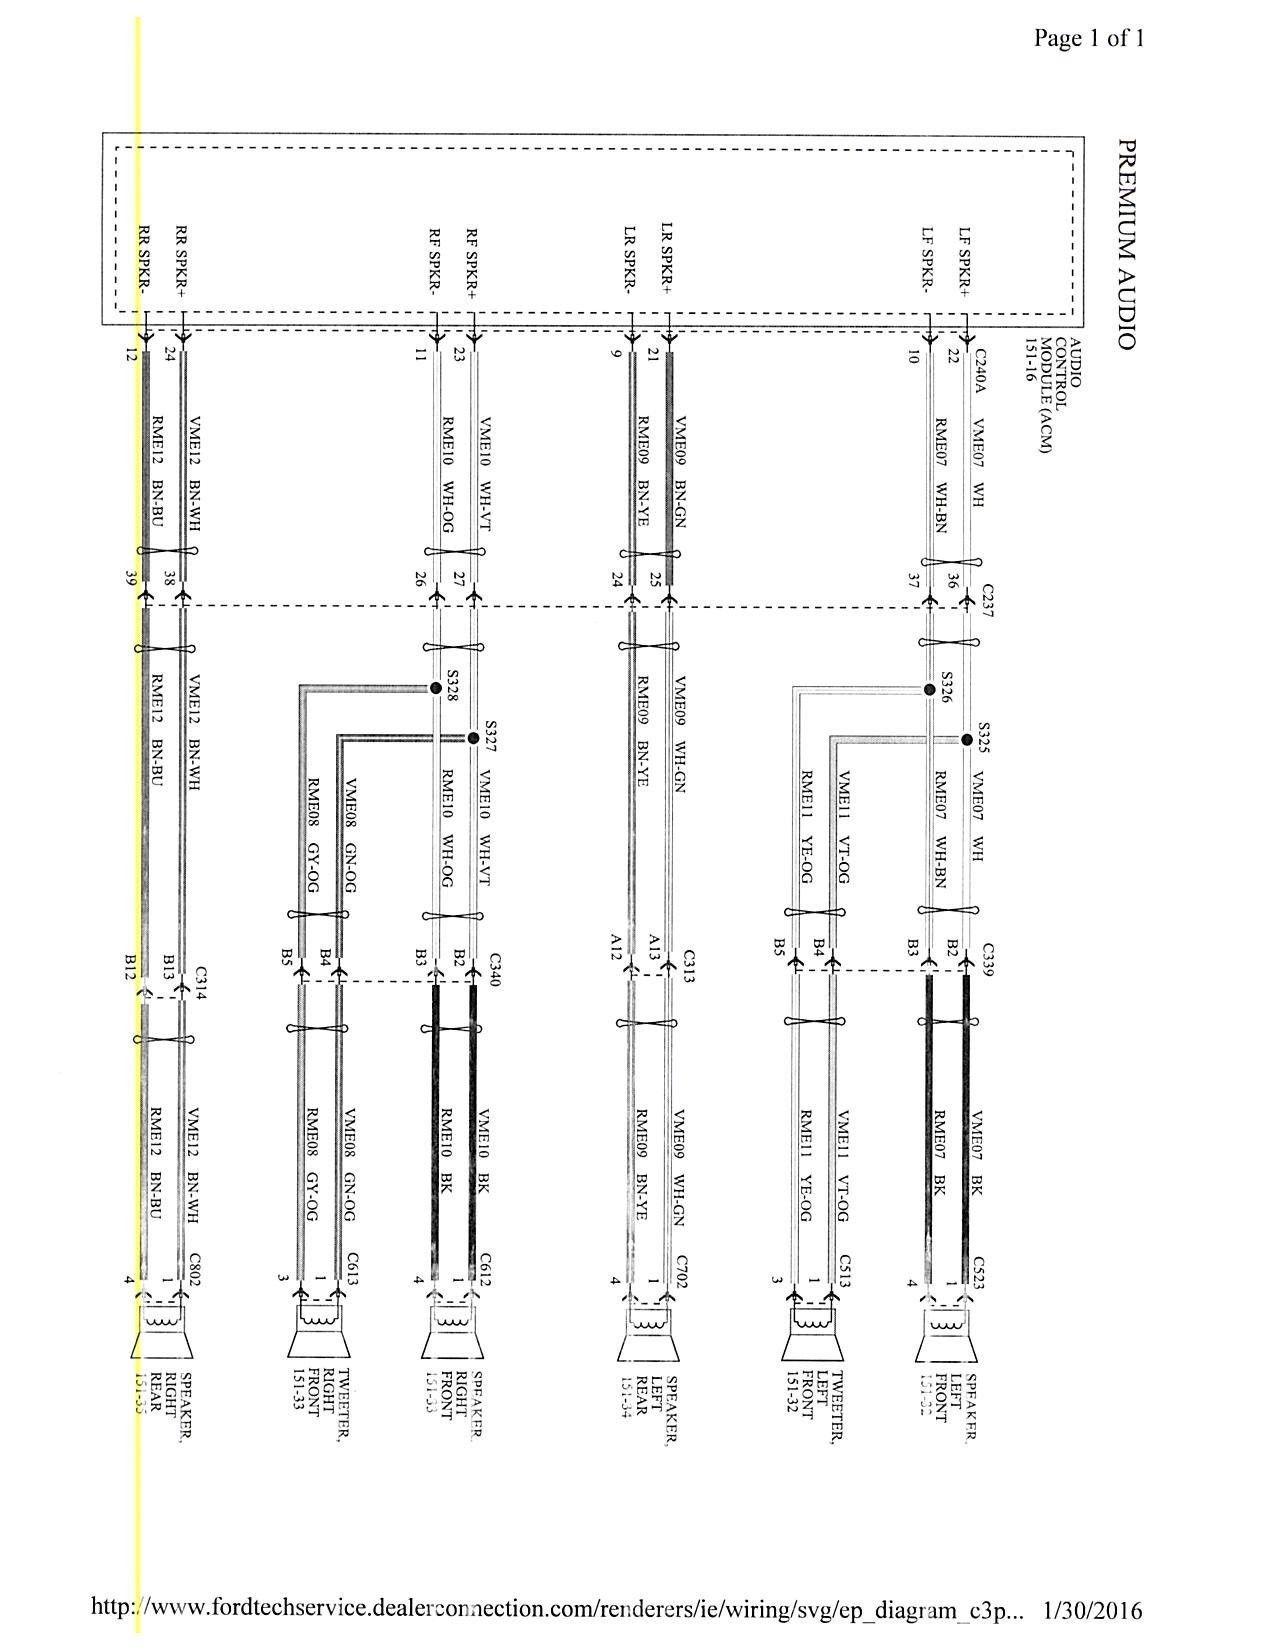 Unique Wiring Diagram Car Radio Pioneer  Diagramsample  Diagramformats  Diagramtemplate In 2019